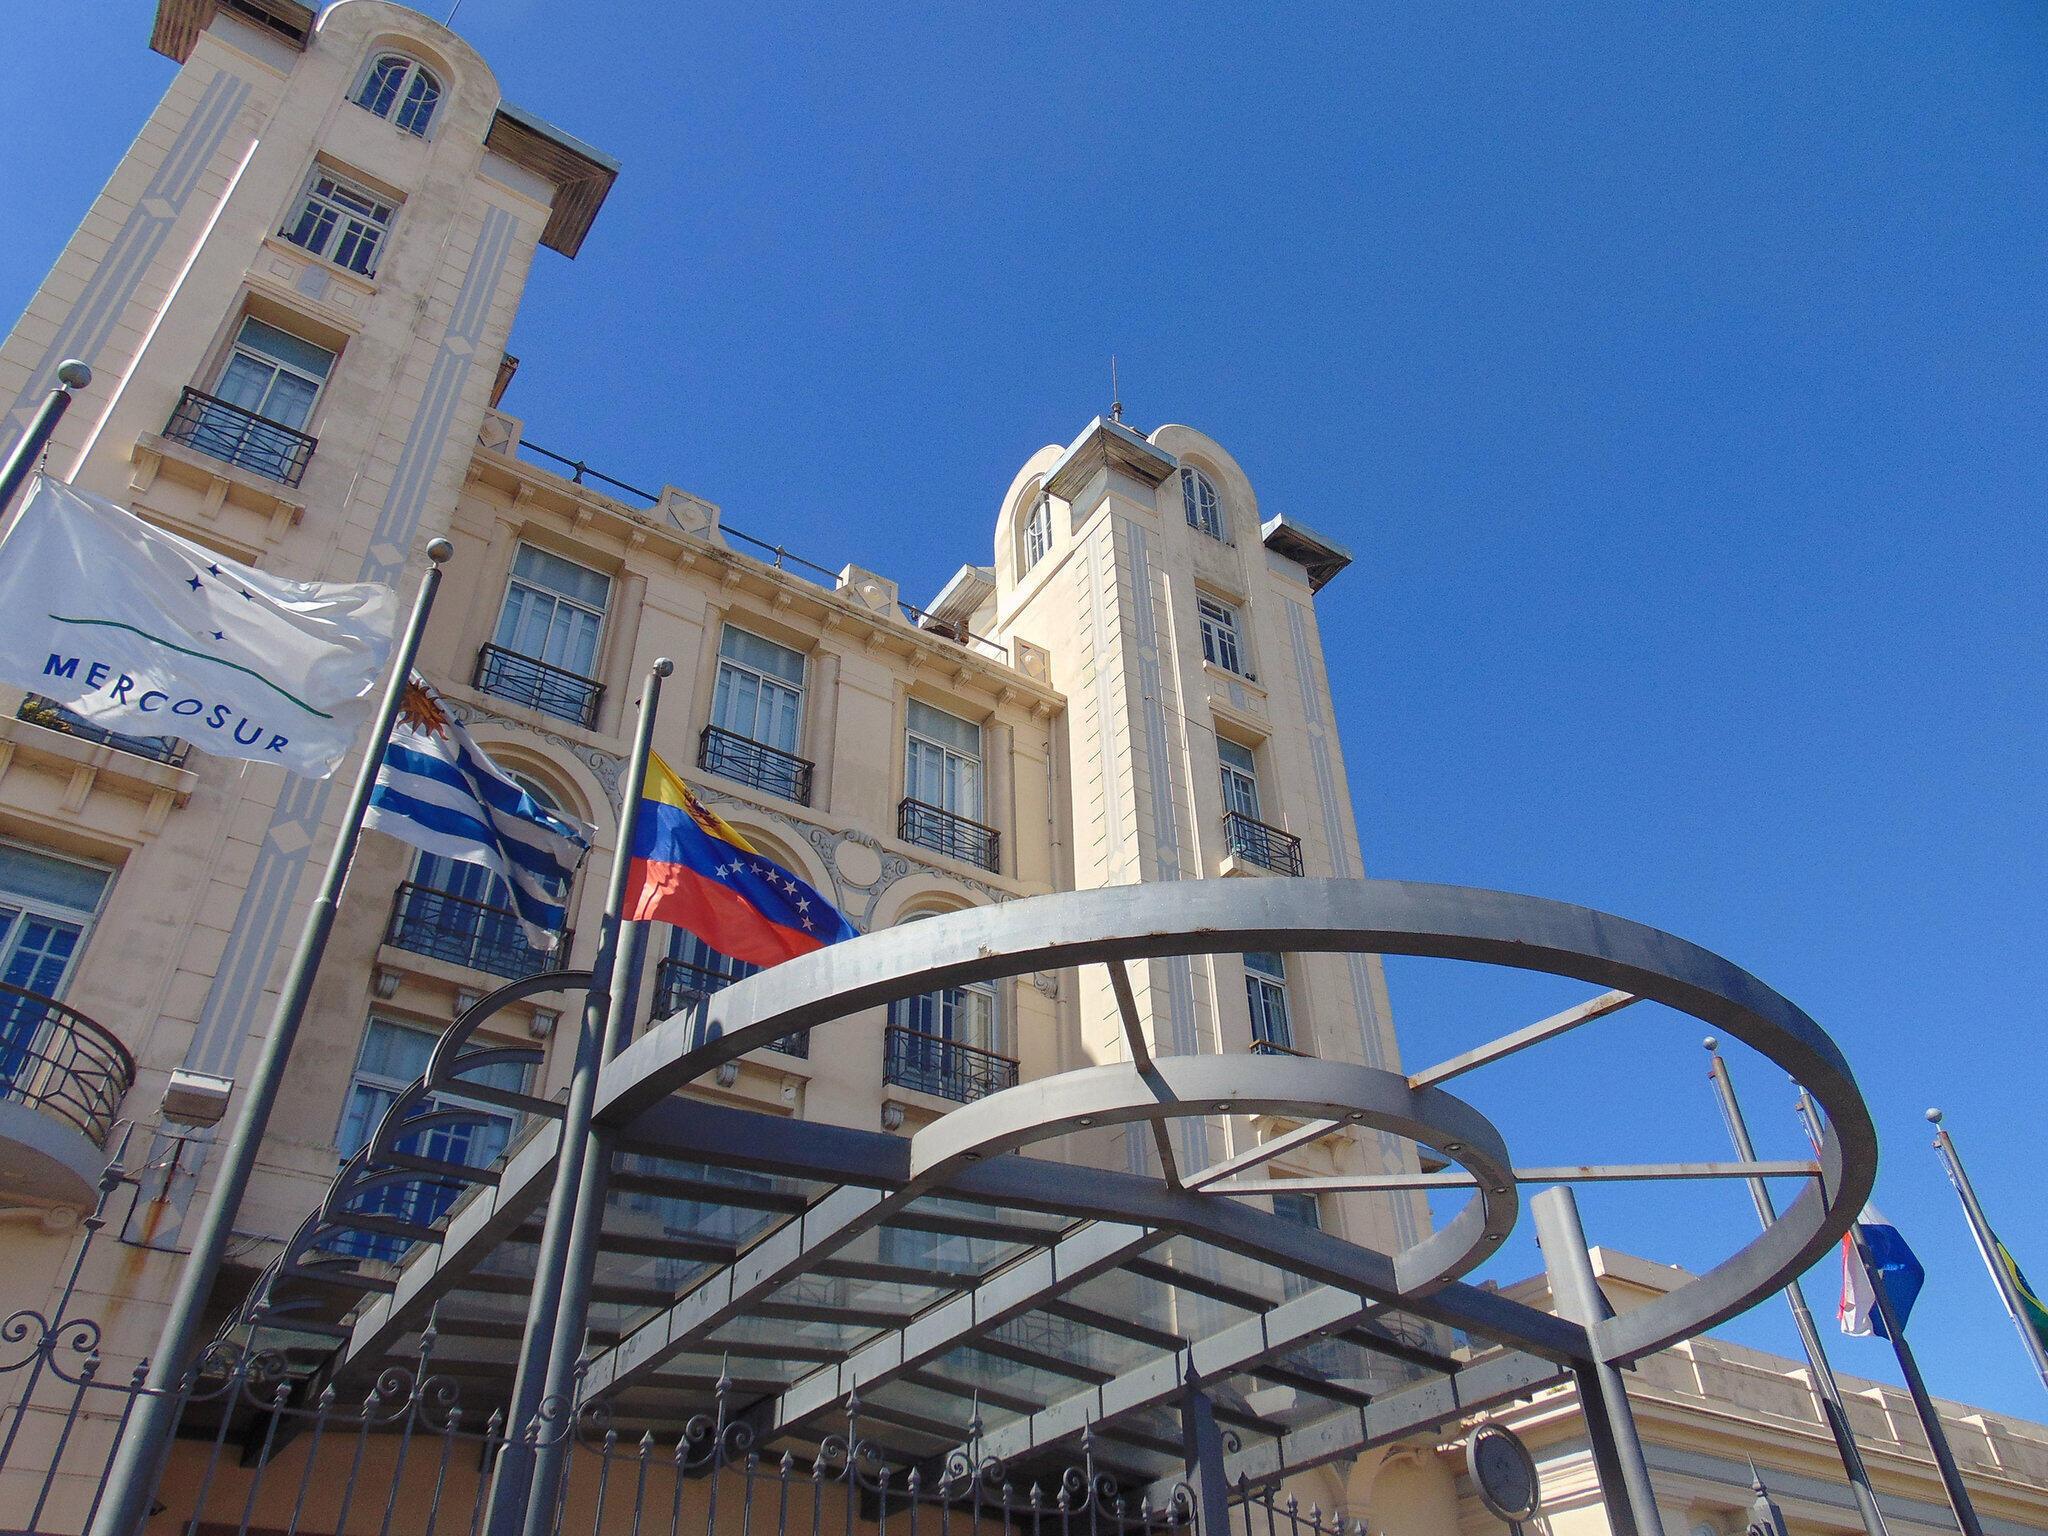 Sede do Mercosul em Montevidéu, no Uruguai.